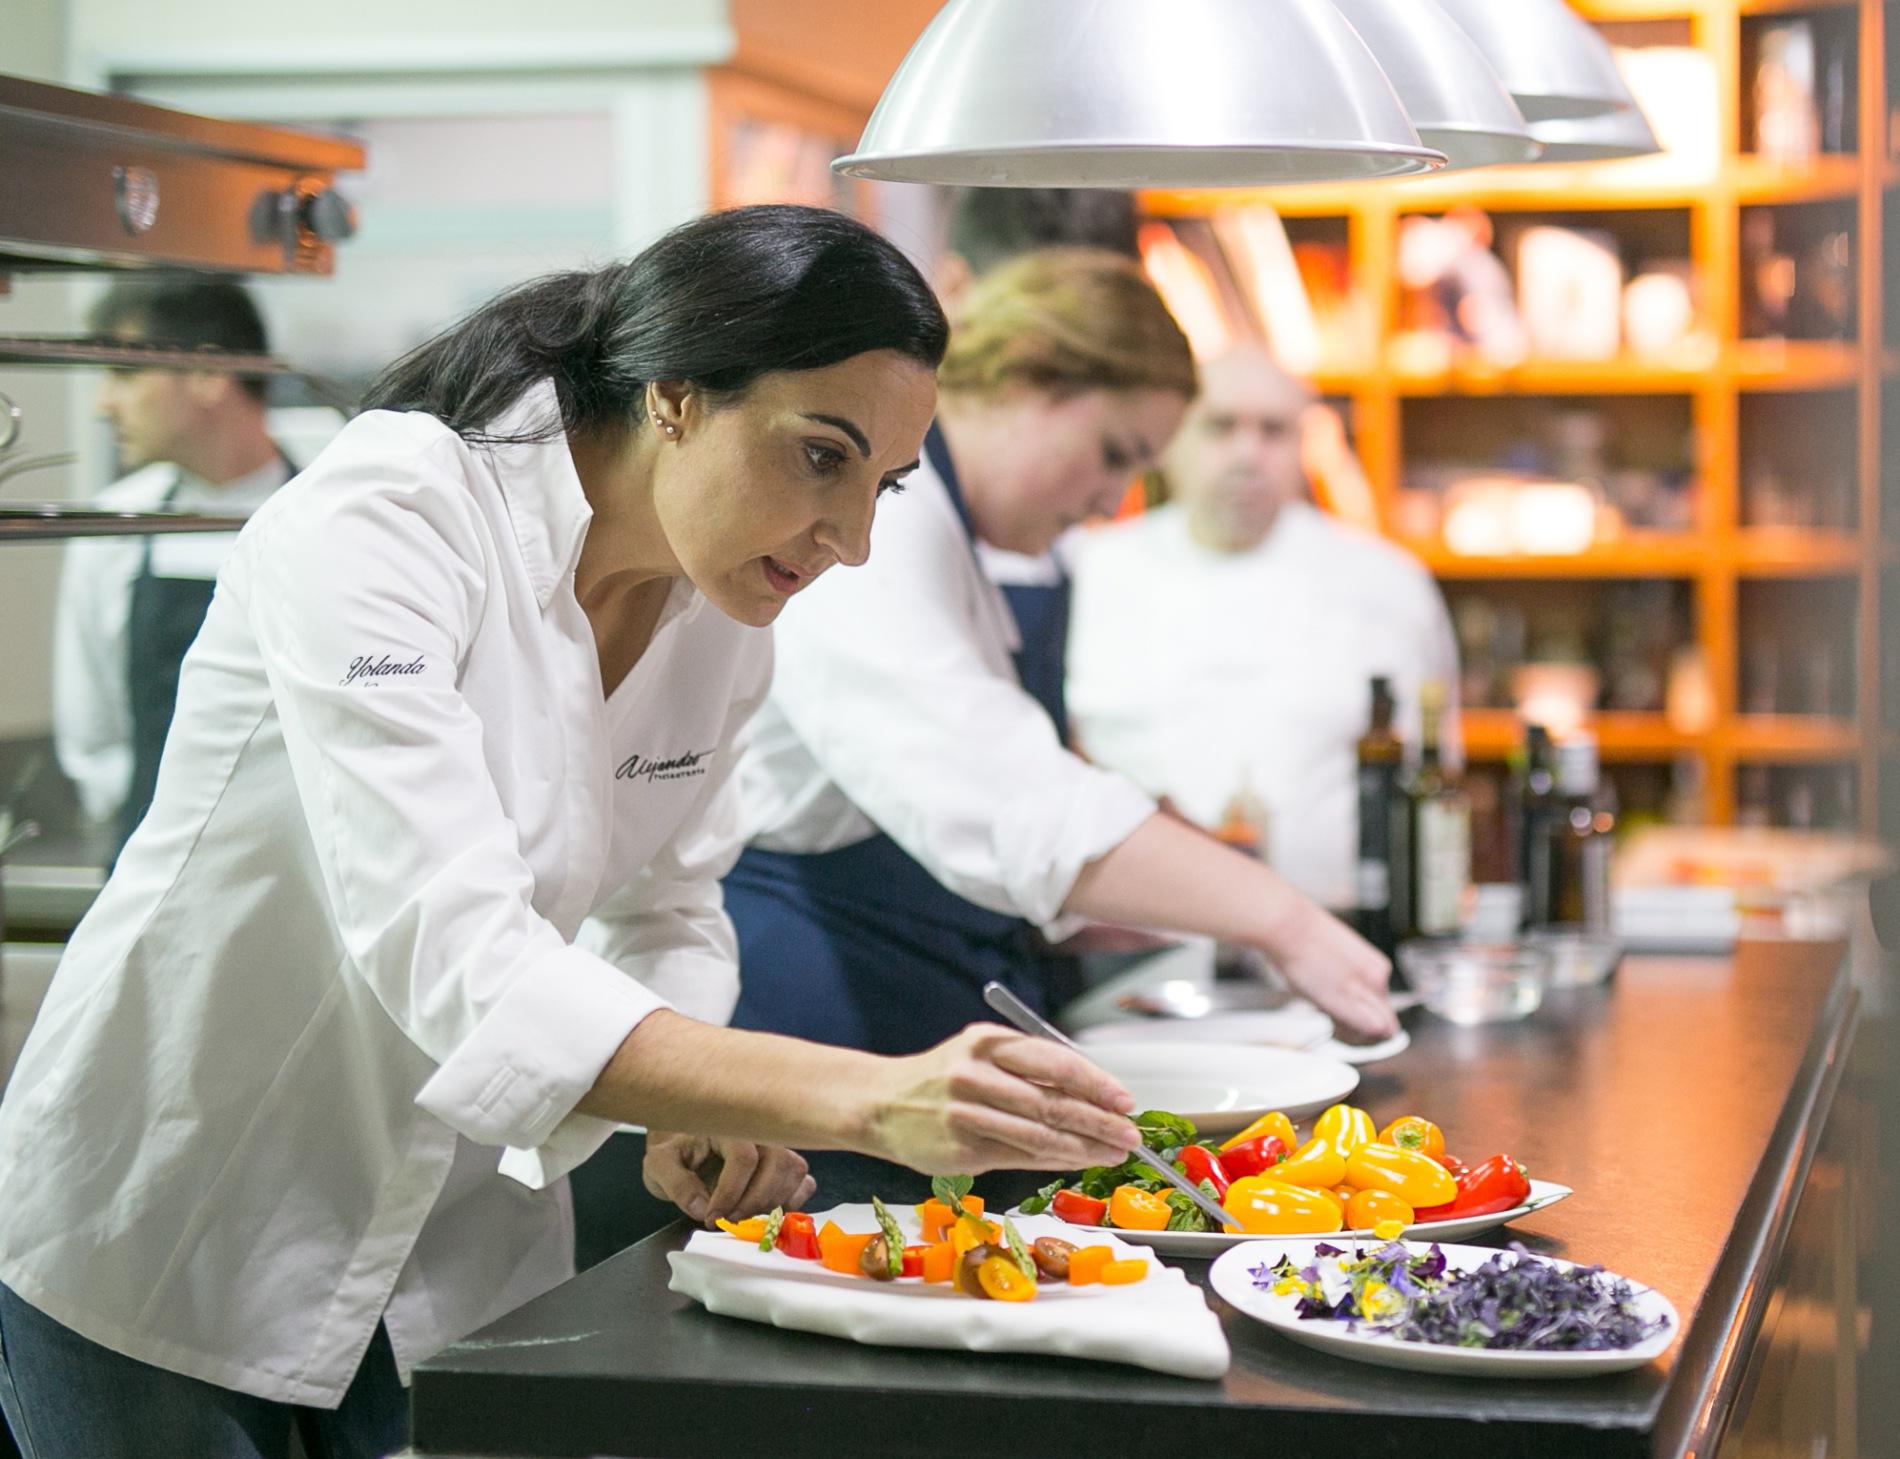 Yolanda García investiga los usos culinarios de las malas hierbas. Foto: Javier Lozano / Maquinaria Creativos.